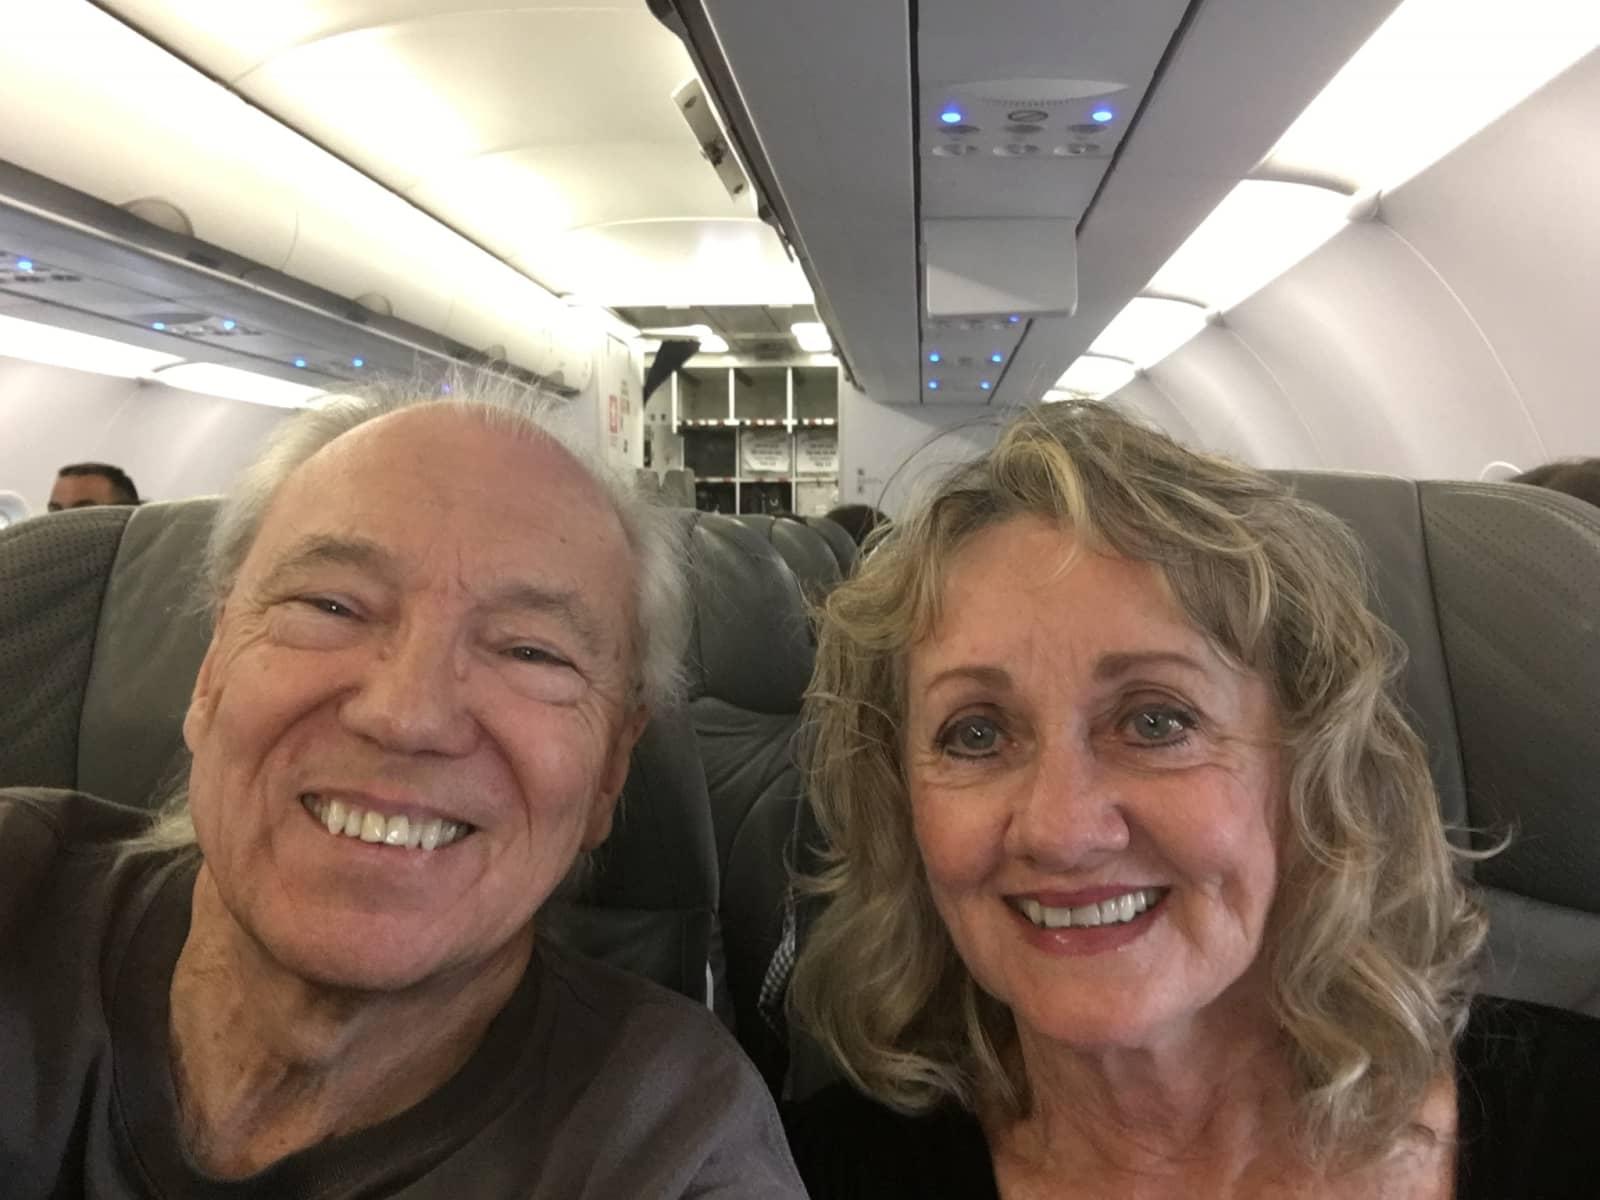 Philip and janie & Janie from Ajijic, Mexico